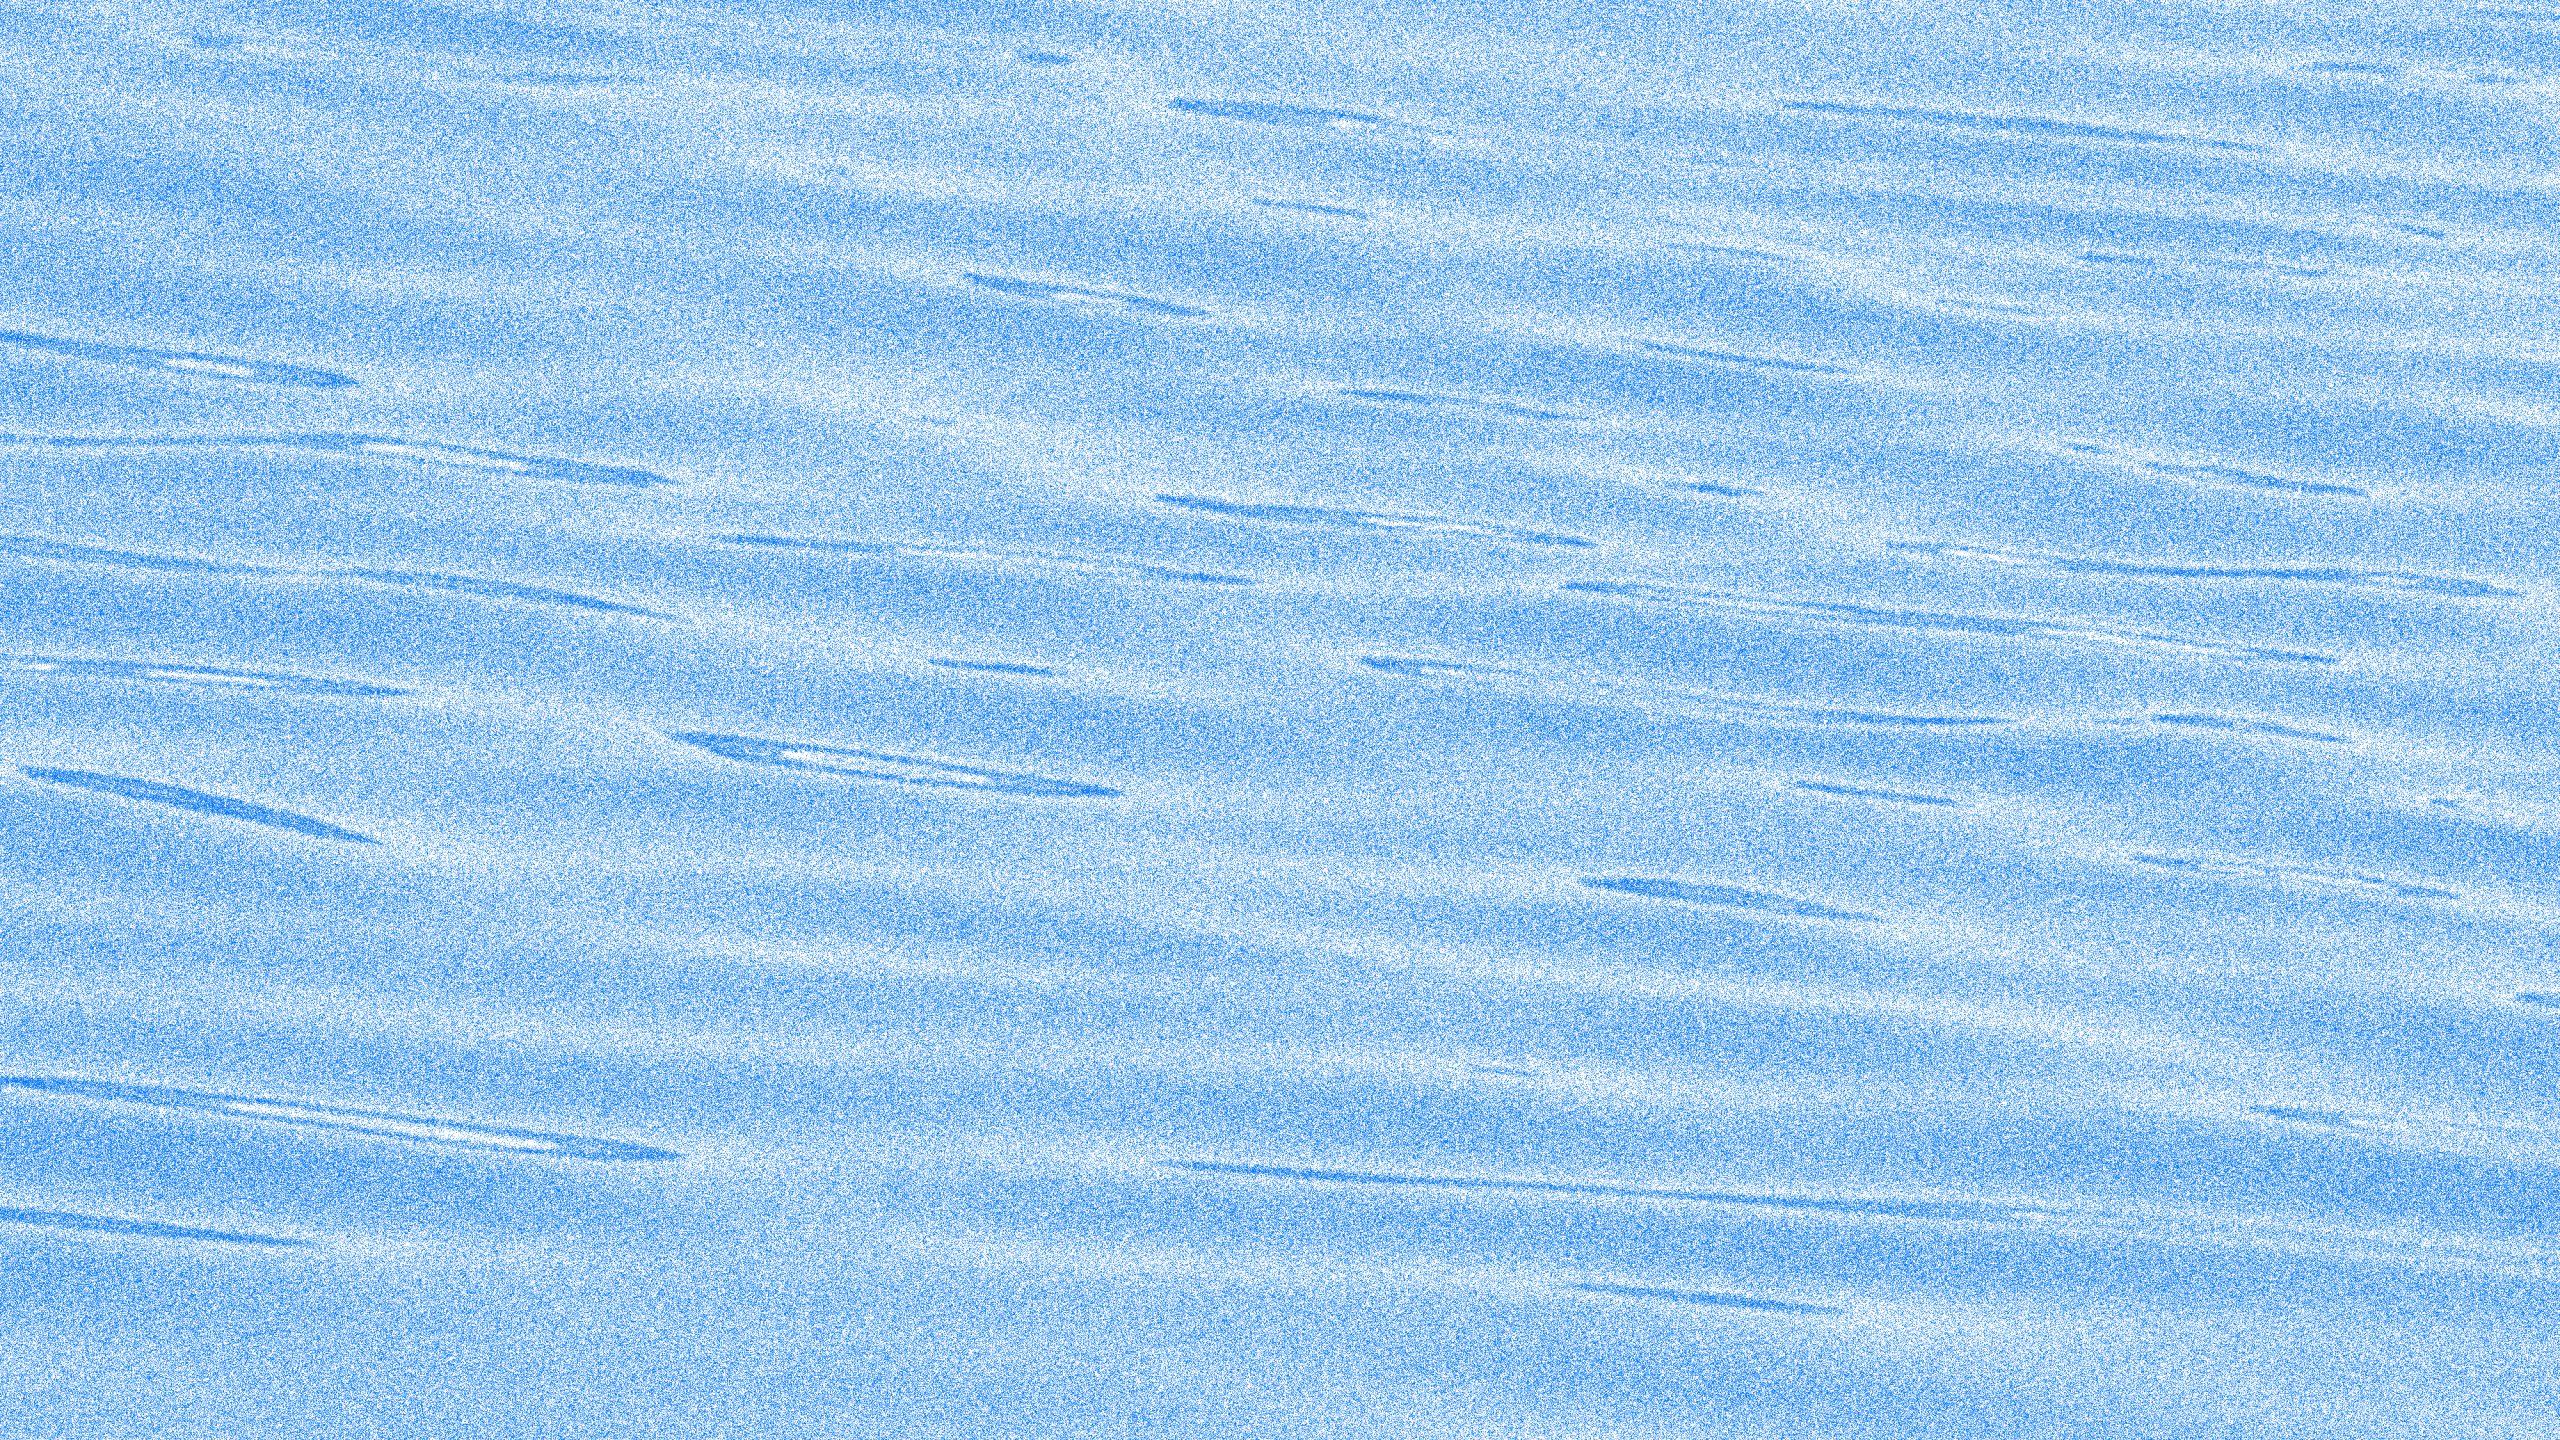 Water wallpaper illustration